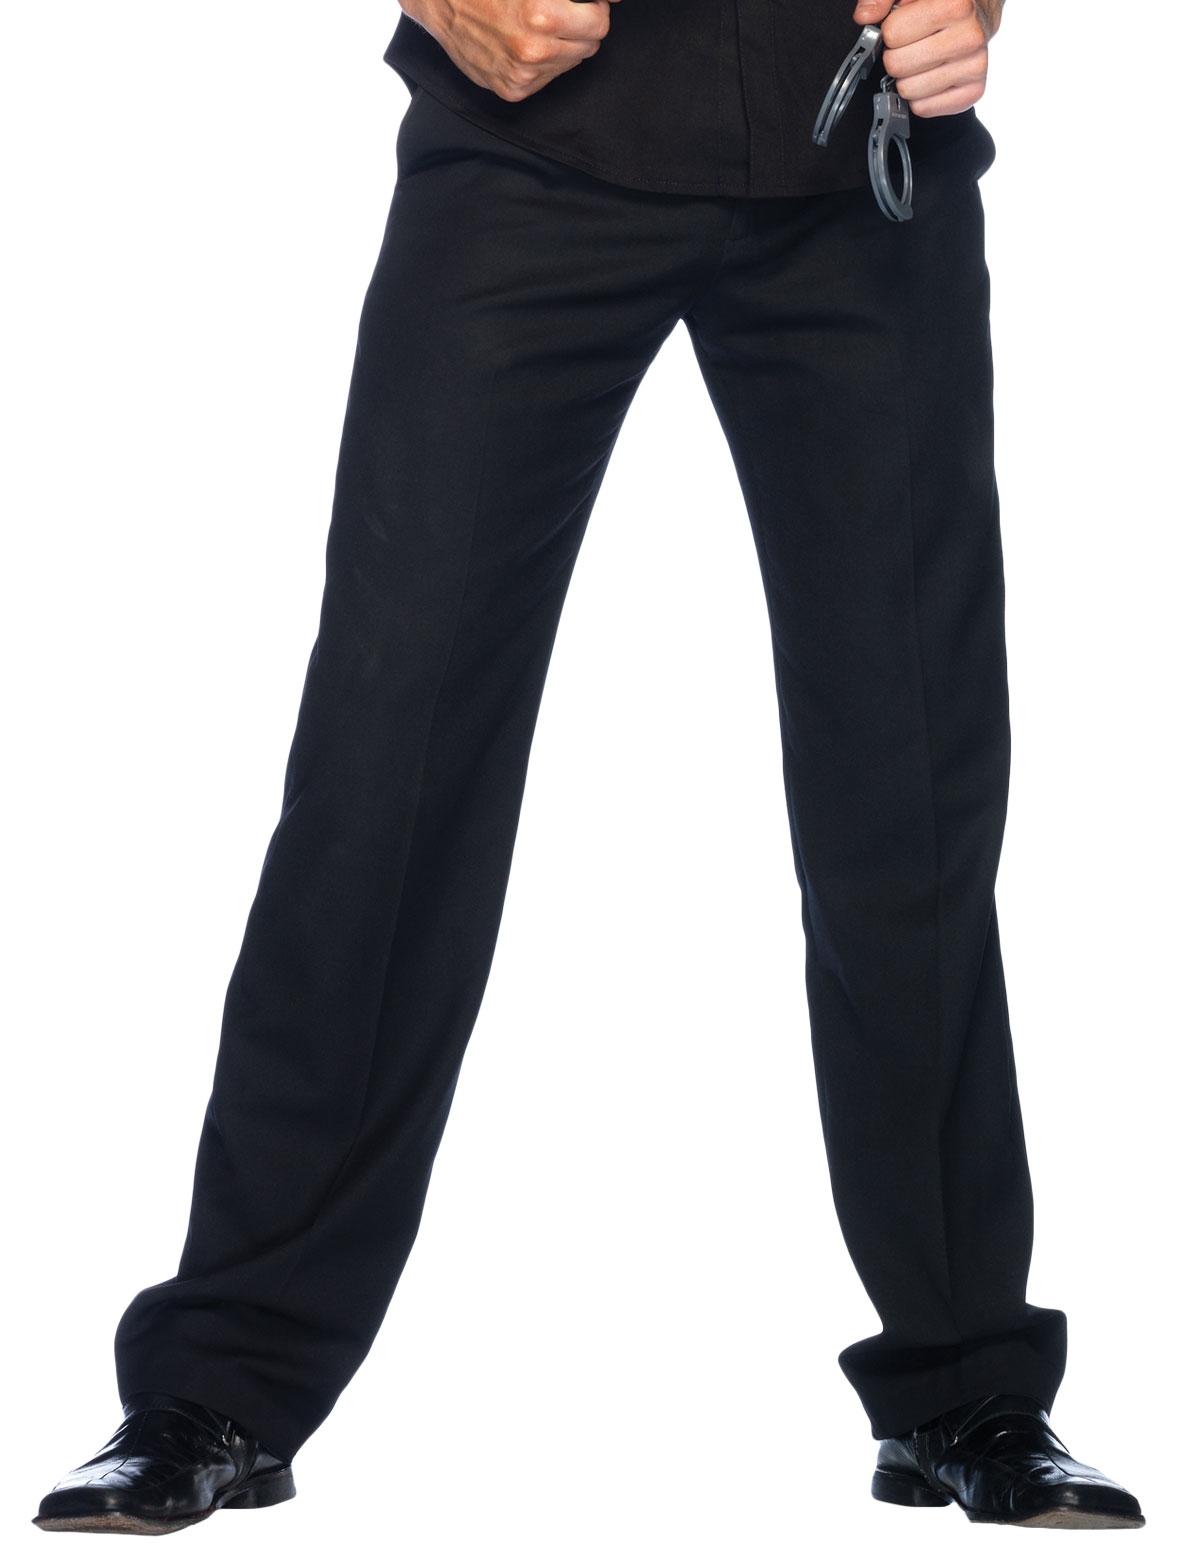 Basic Mens Pant